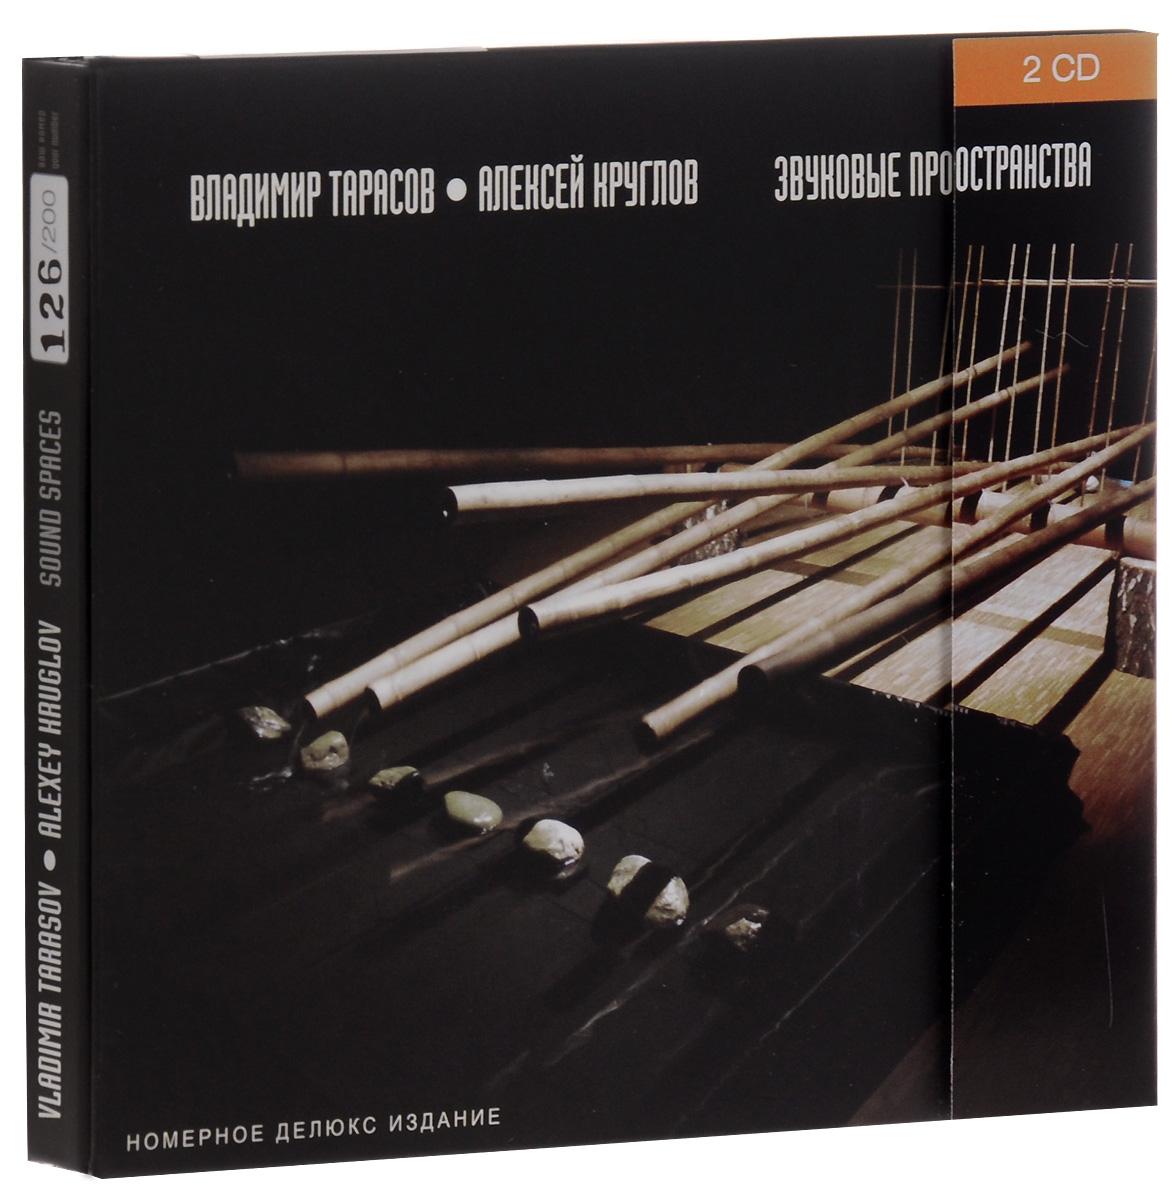 Владимир Тарасов,Алексей Круглов Vladimir Tarasov / Alexey Kruglov. Sound Spaces. Deluxe Numbered Edition (2 CD) zenfone 2 deluxe special edition